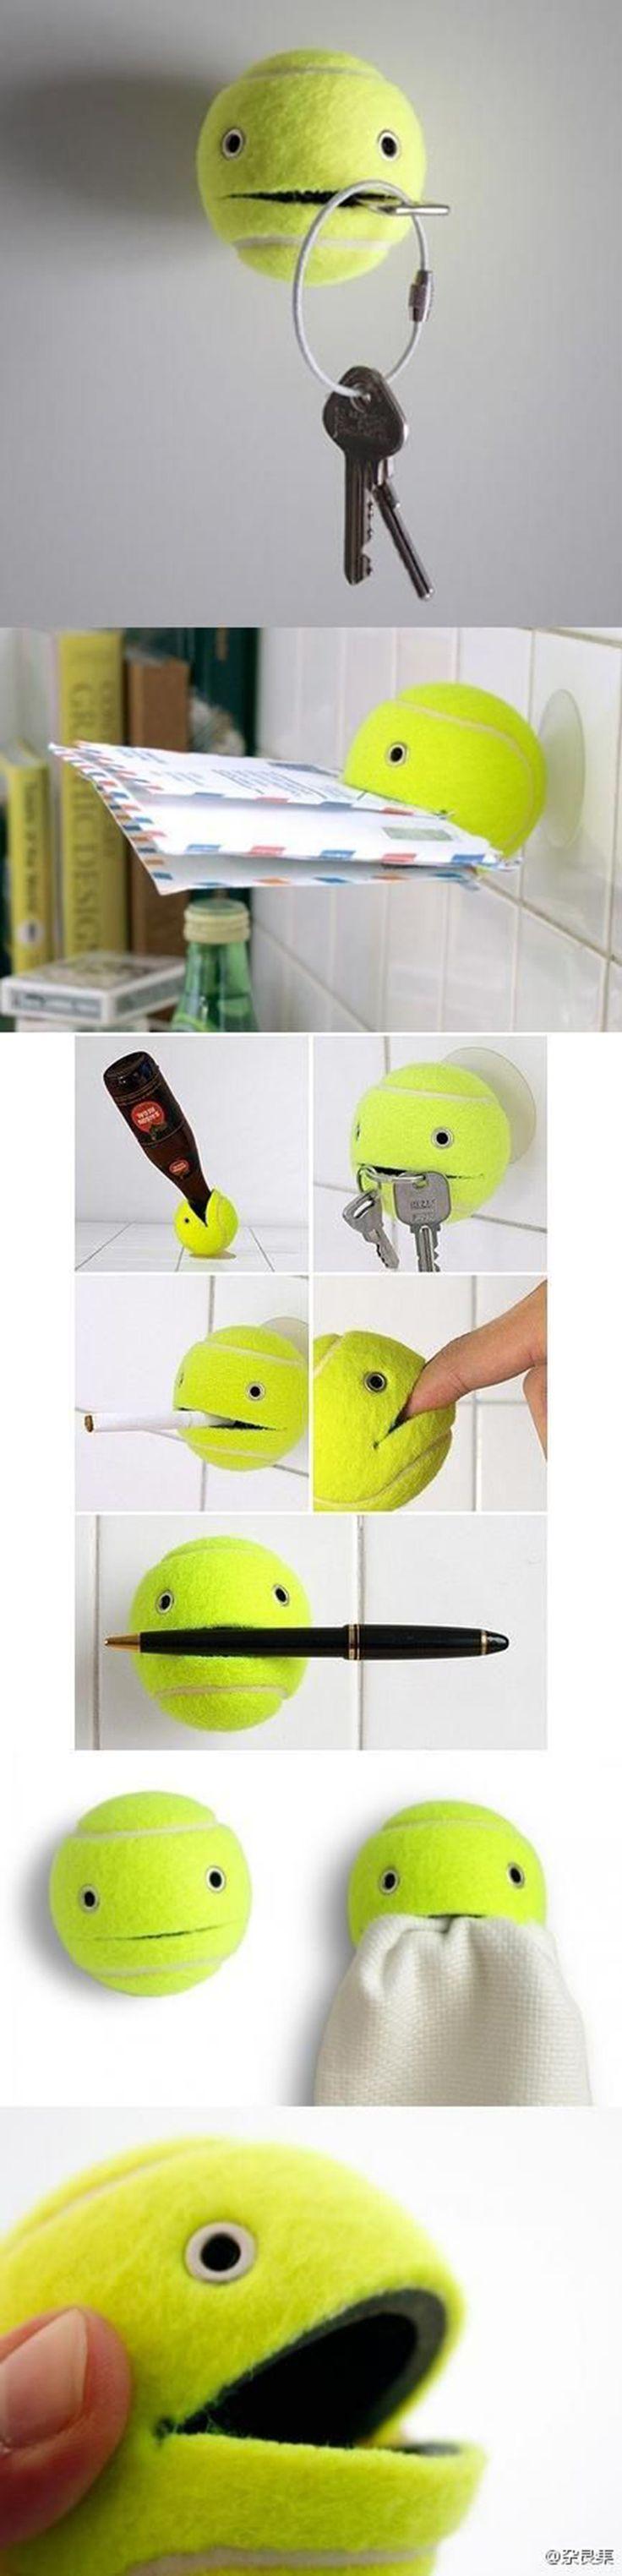 Facile à faire : balles de tennis et gommettes pour les yeux, et on peut mettre plein de trucs marrants dedans !